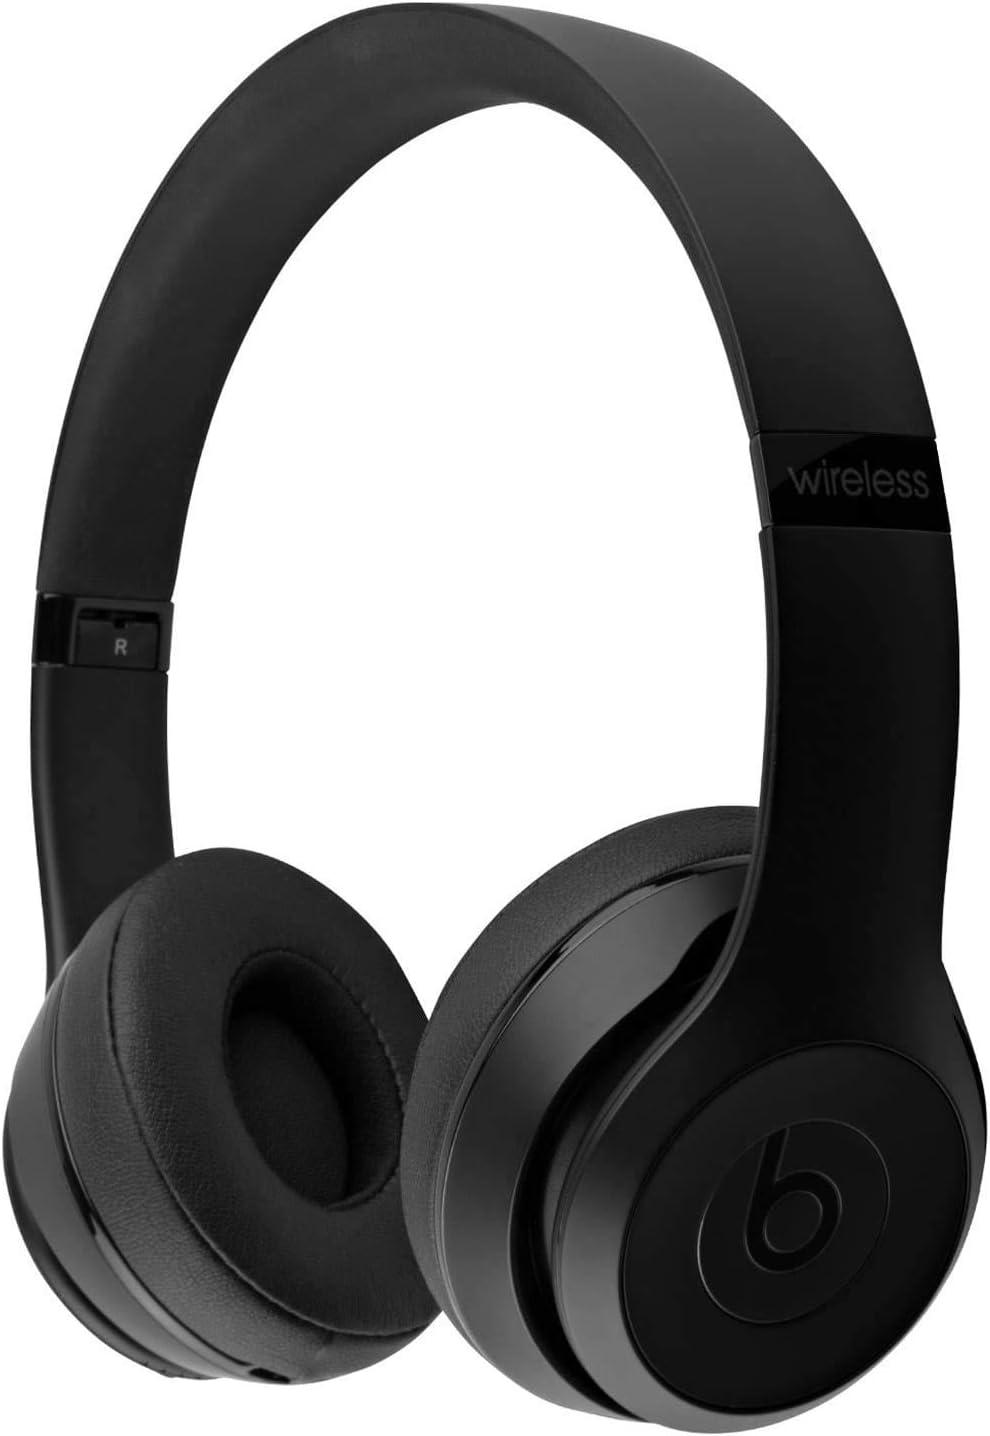 Beats by Dr. Dre - Beats Solo3 Wireless On-Ear Headphones - Black (Renewed): Electronics